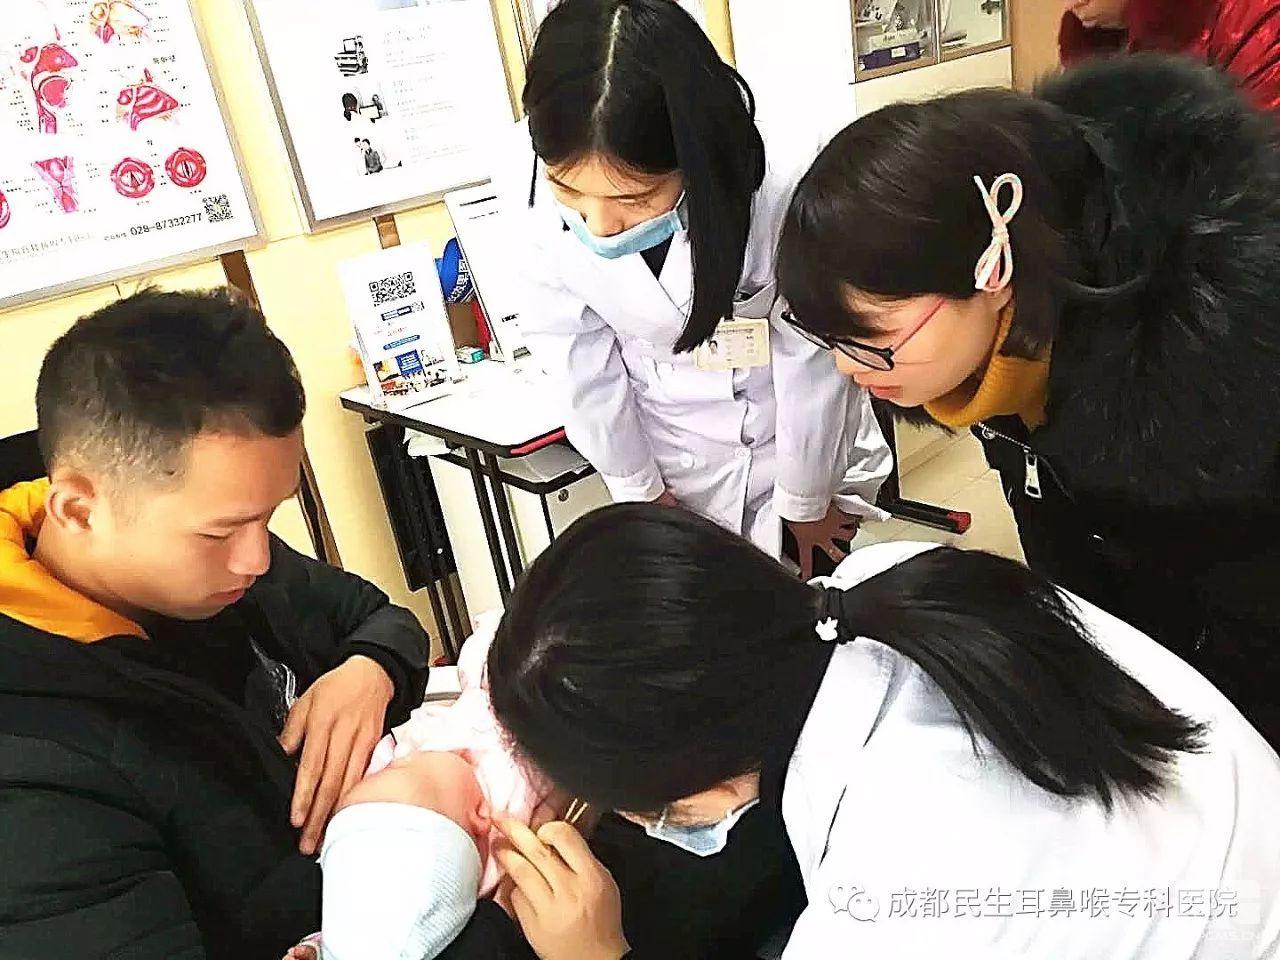 成都民生耳鼻喉医院如何 小耳畸形治疗方案